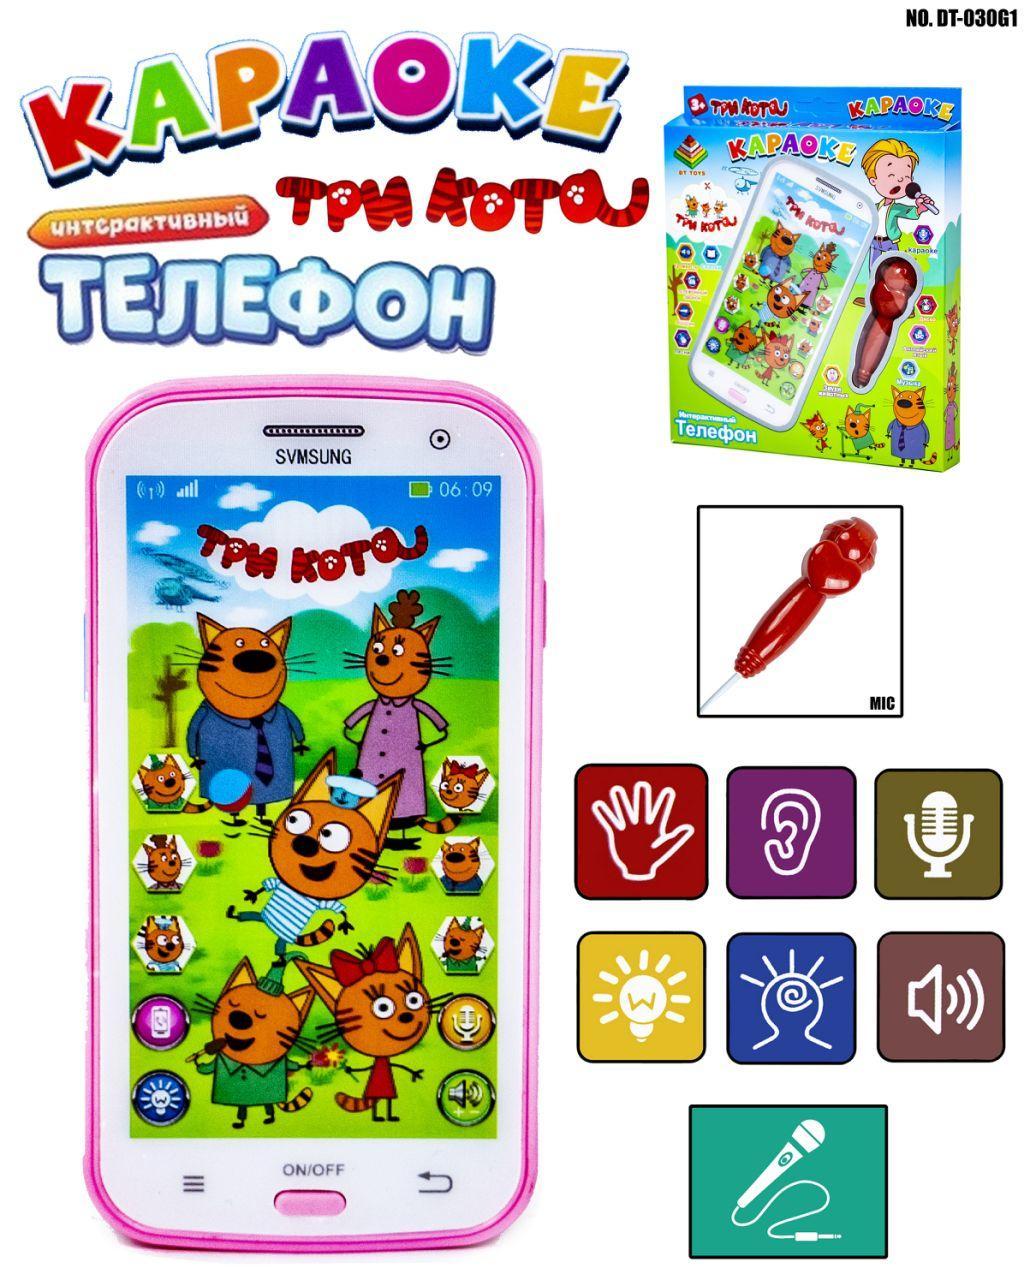 Іграшковий смартфон-караоке DT-030G1